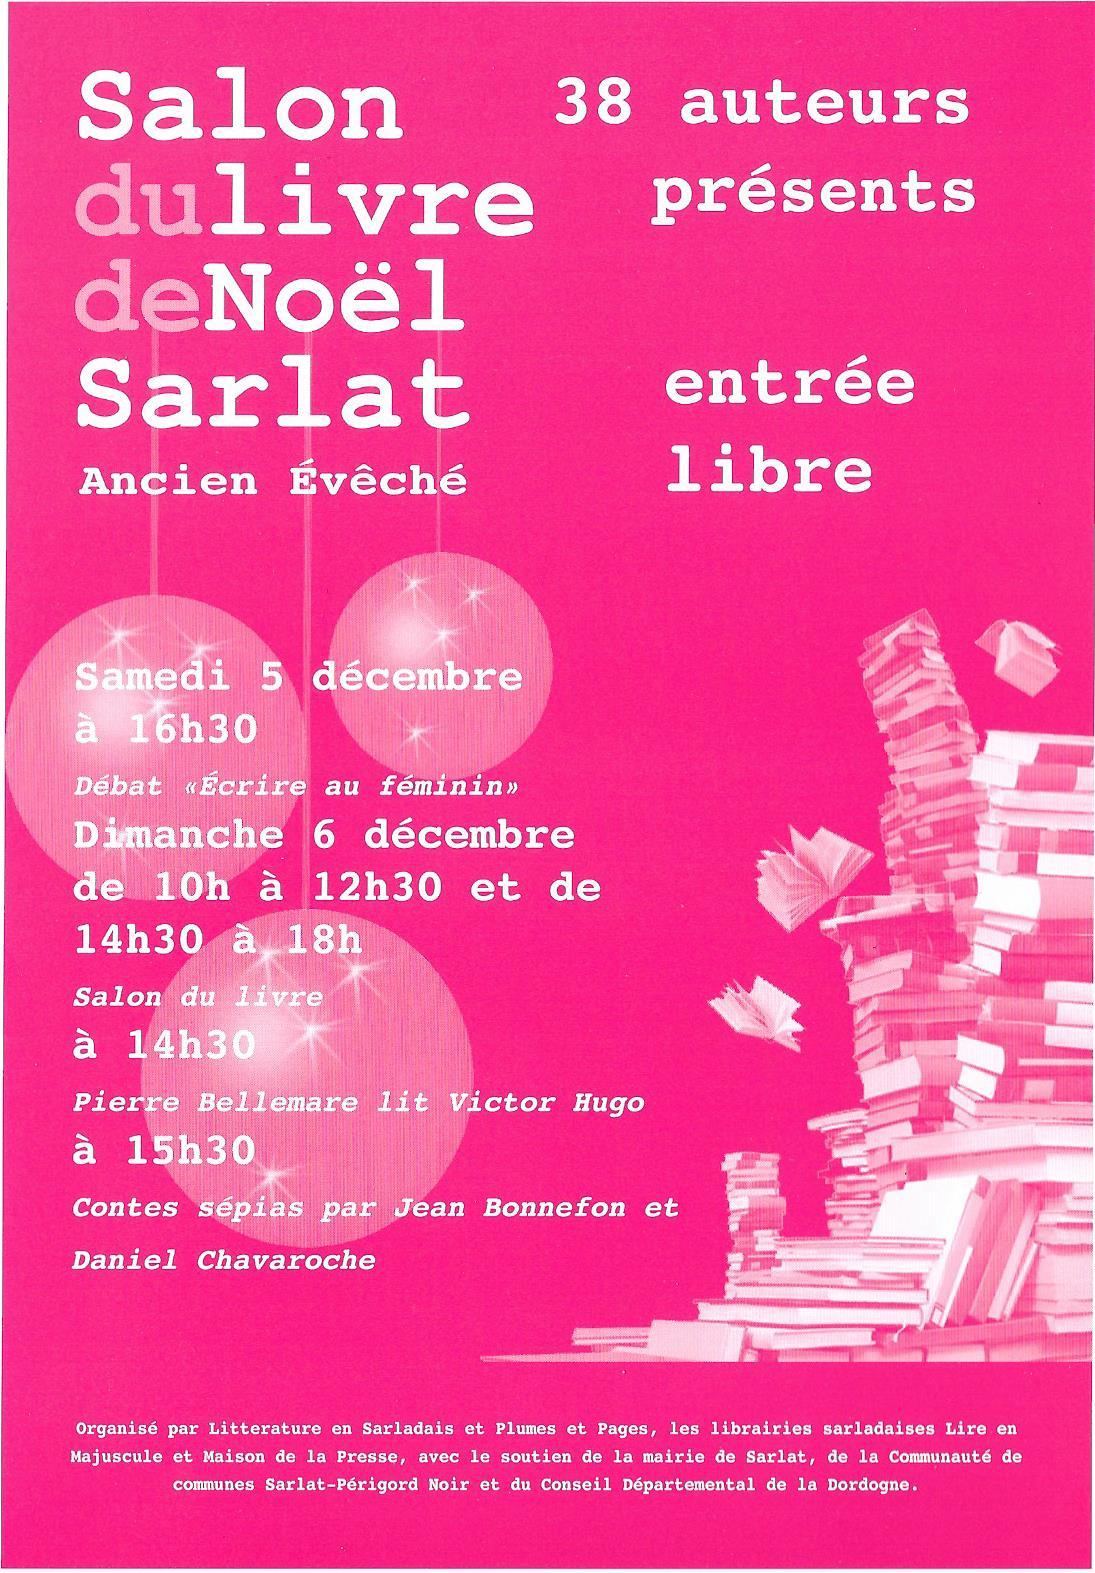 Salon du livre de no l de sarlat les 5 et 6 d cembre 2015 jean luc aubarbier ecrivain - Salon du livre brive 2015 ...